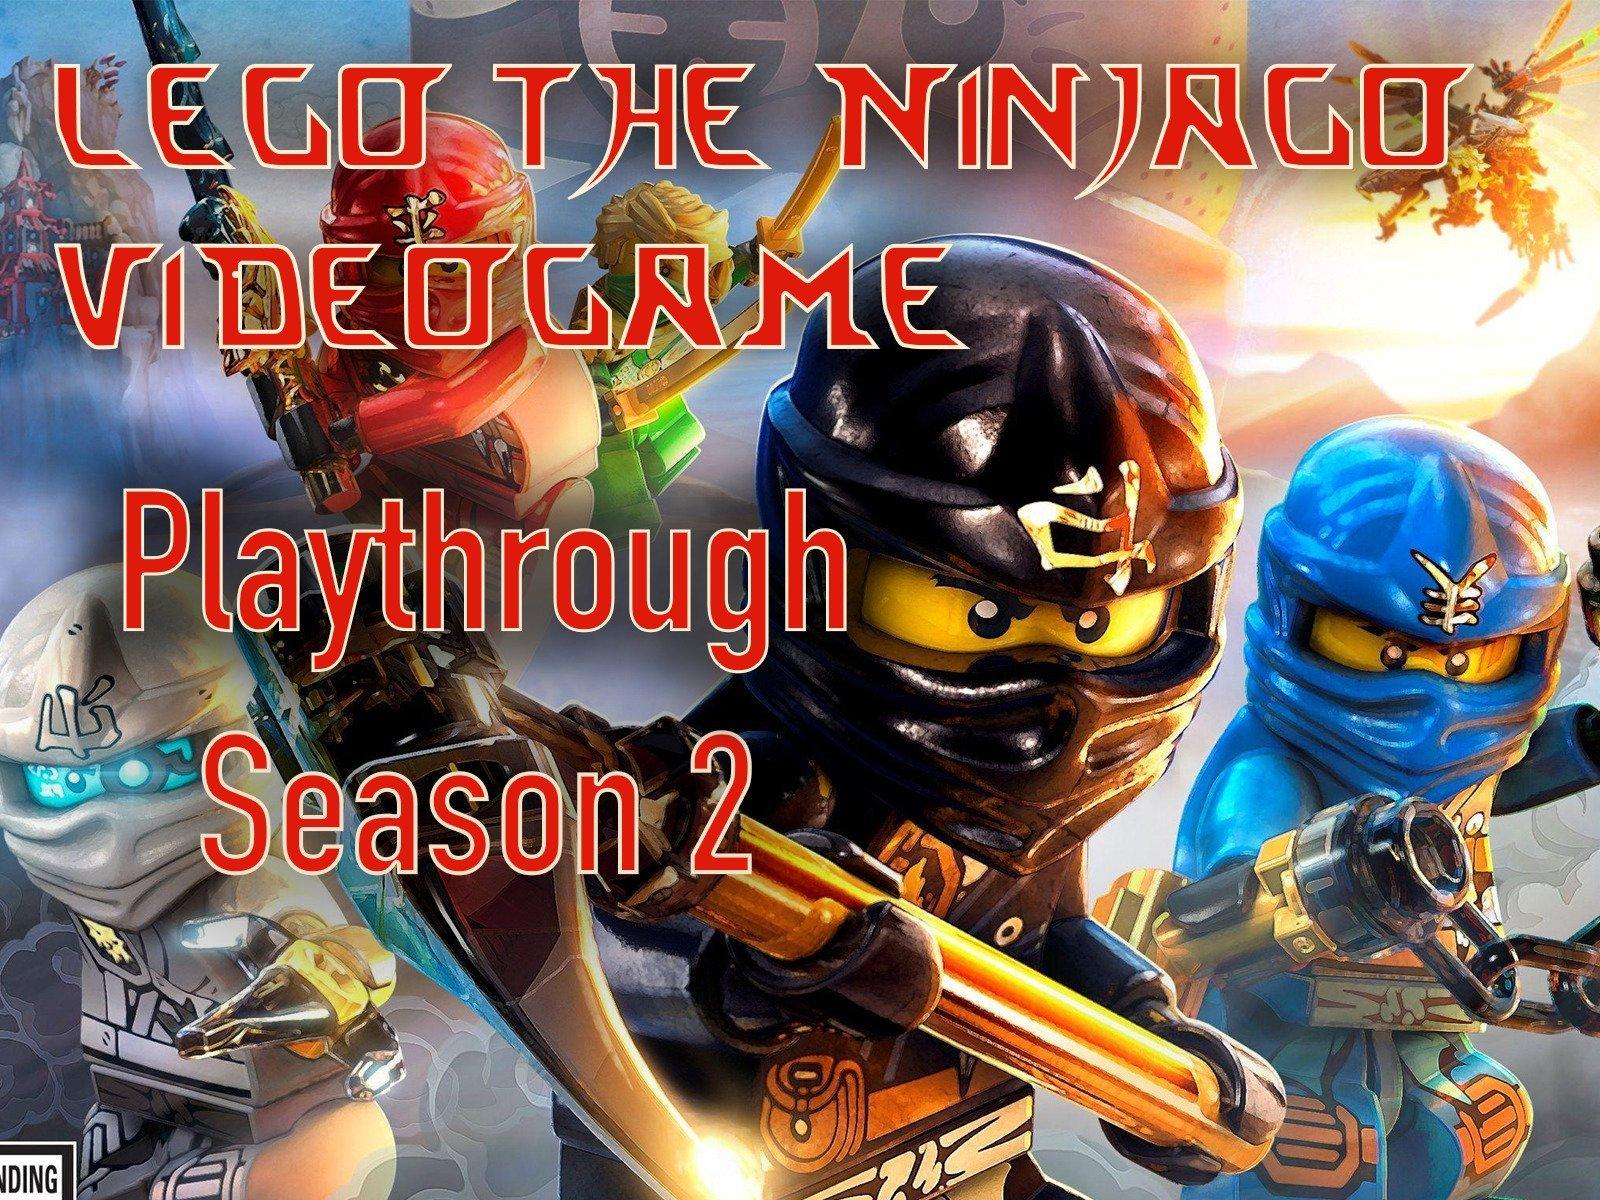 Clip: Lego The Ninjago Video Game Playthrough - Season 2